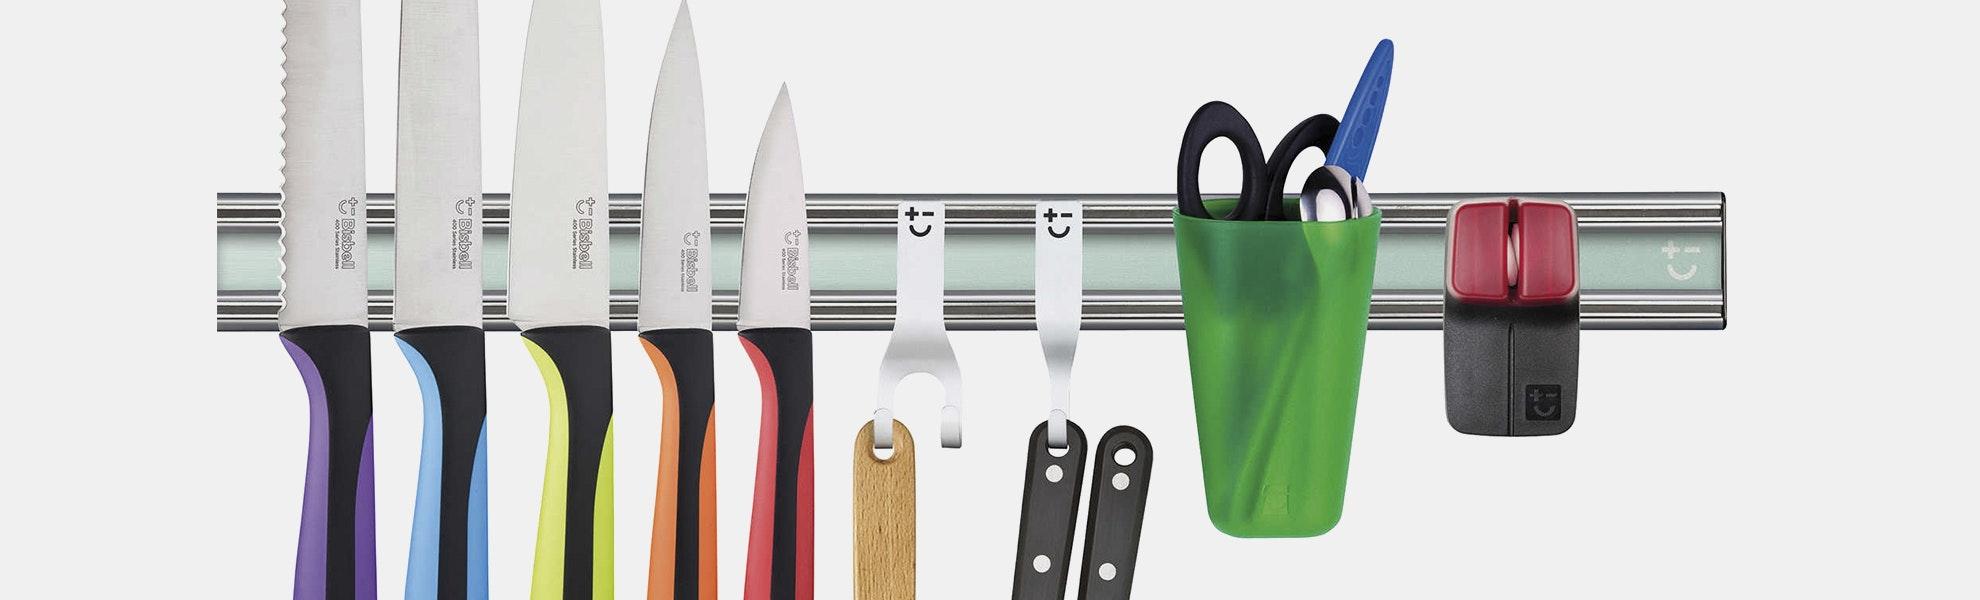 Bisbell 10-Piece Pro Magnetic Knife Rack Set